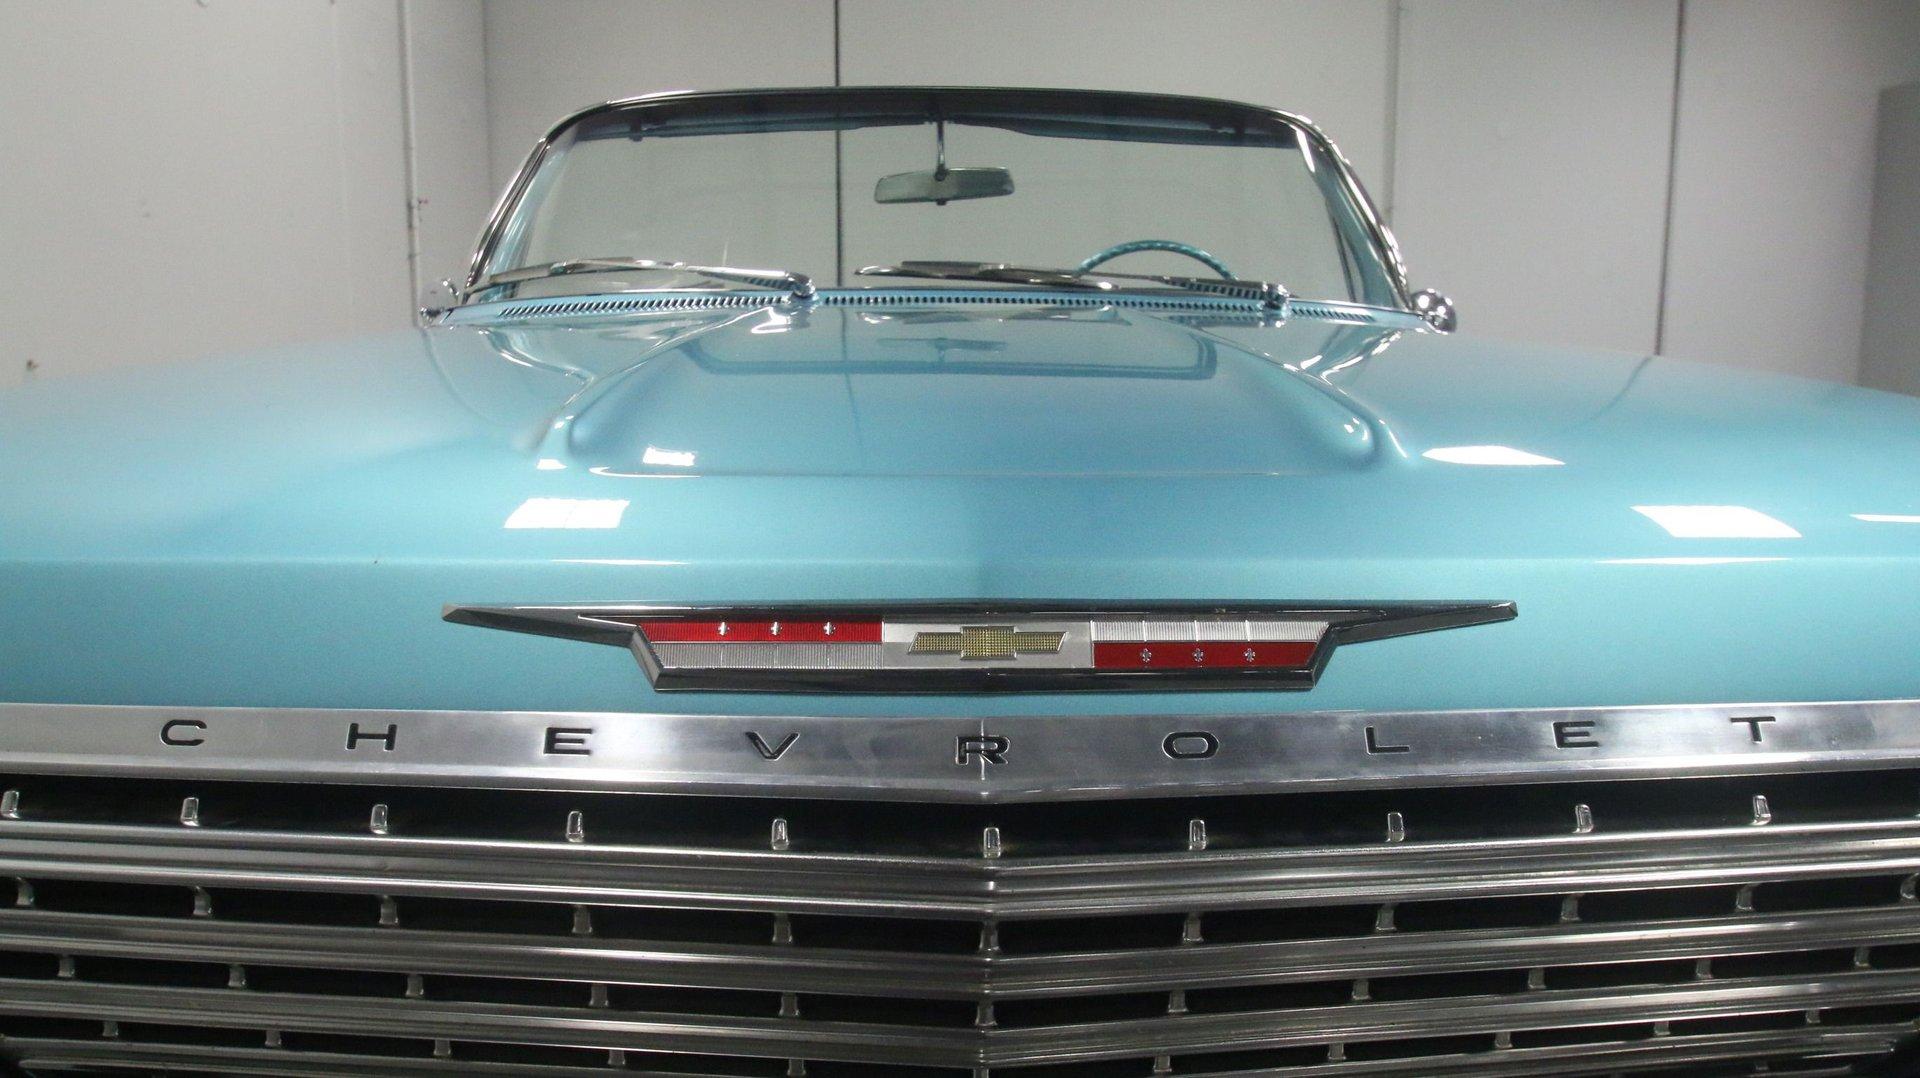 1962 Chevrolet Impala | Streetside Classics - The Nation's